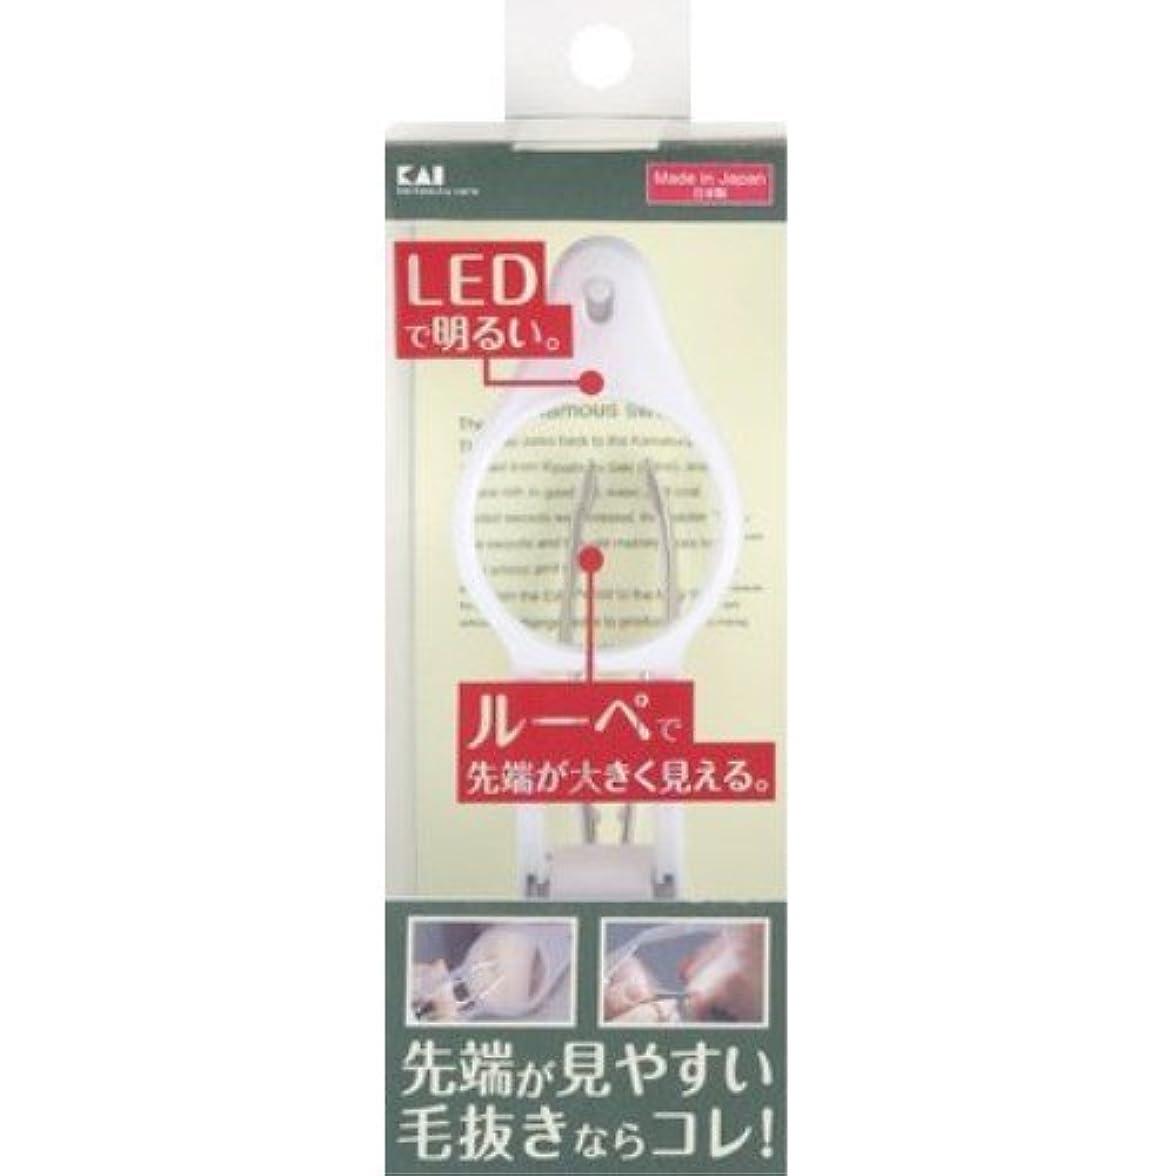 絶縁する一般的に言えば革命貝印 LEDルーペ付き毛抜き KQ0330